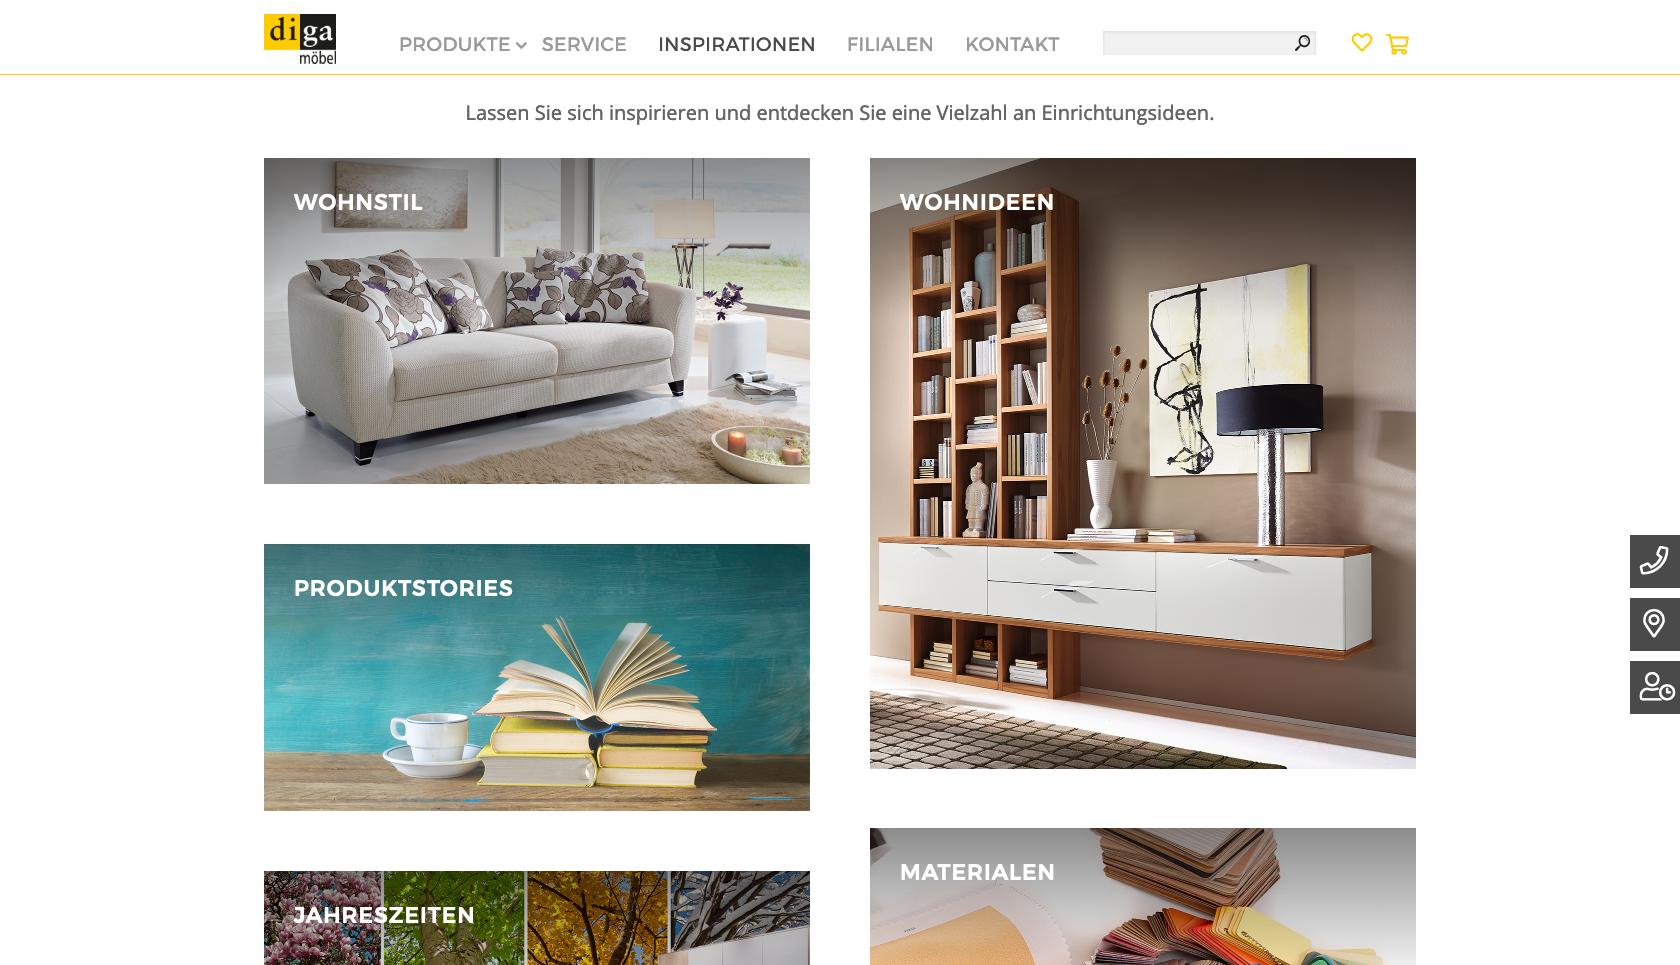 Bildschirmfoto der Website diga.ch mit Übersichtsseite der Rubrik Inspirationen mit Masonry Grid